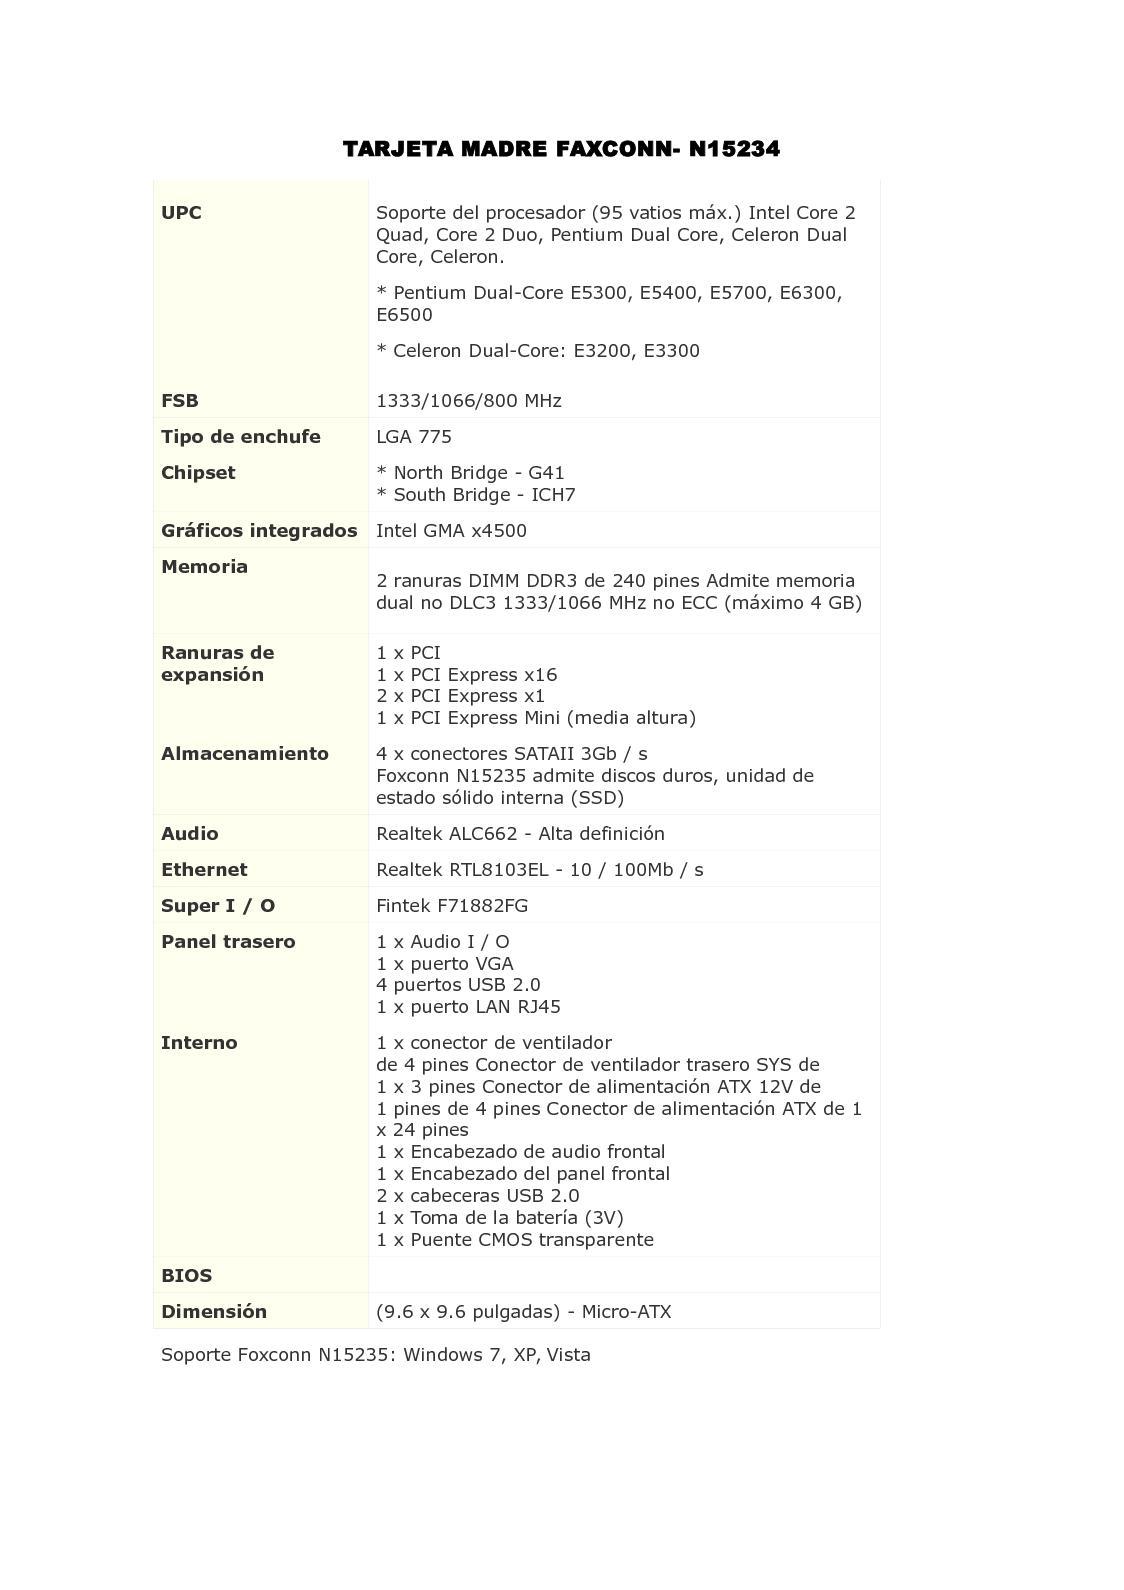 FINTEK F71882FG LAN TREIBER WINDOWS XP